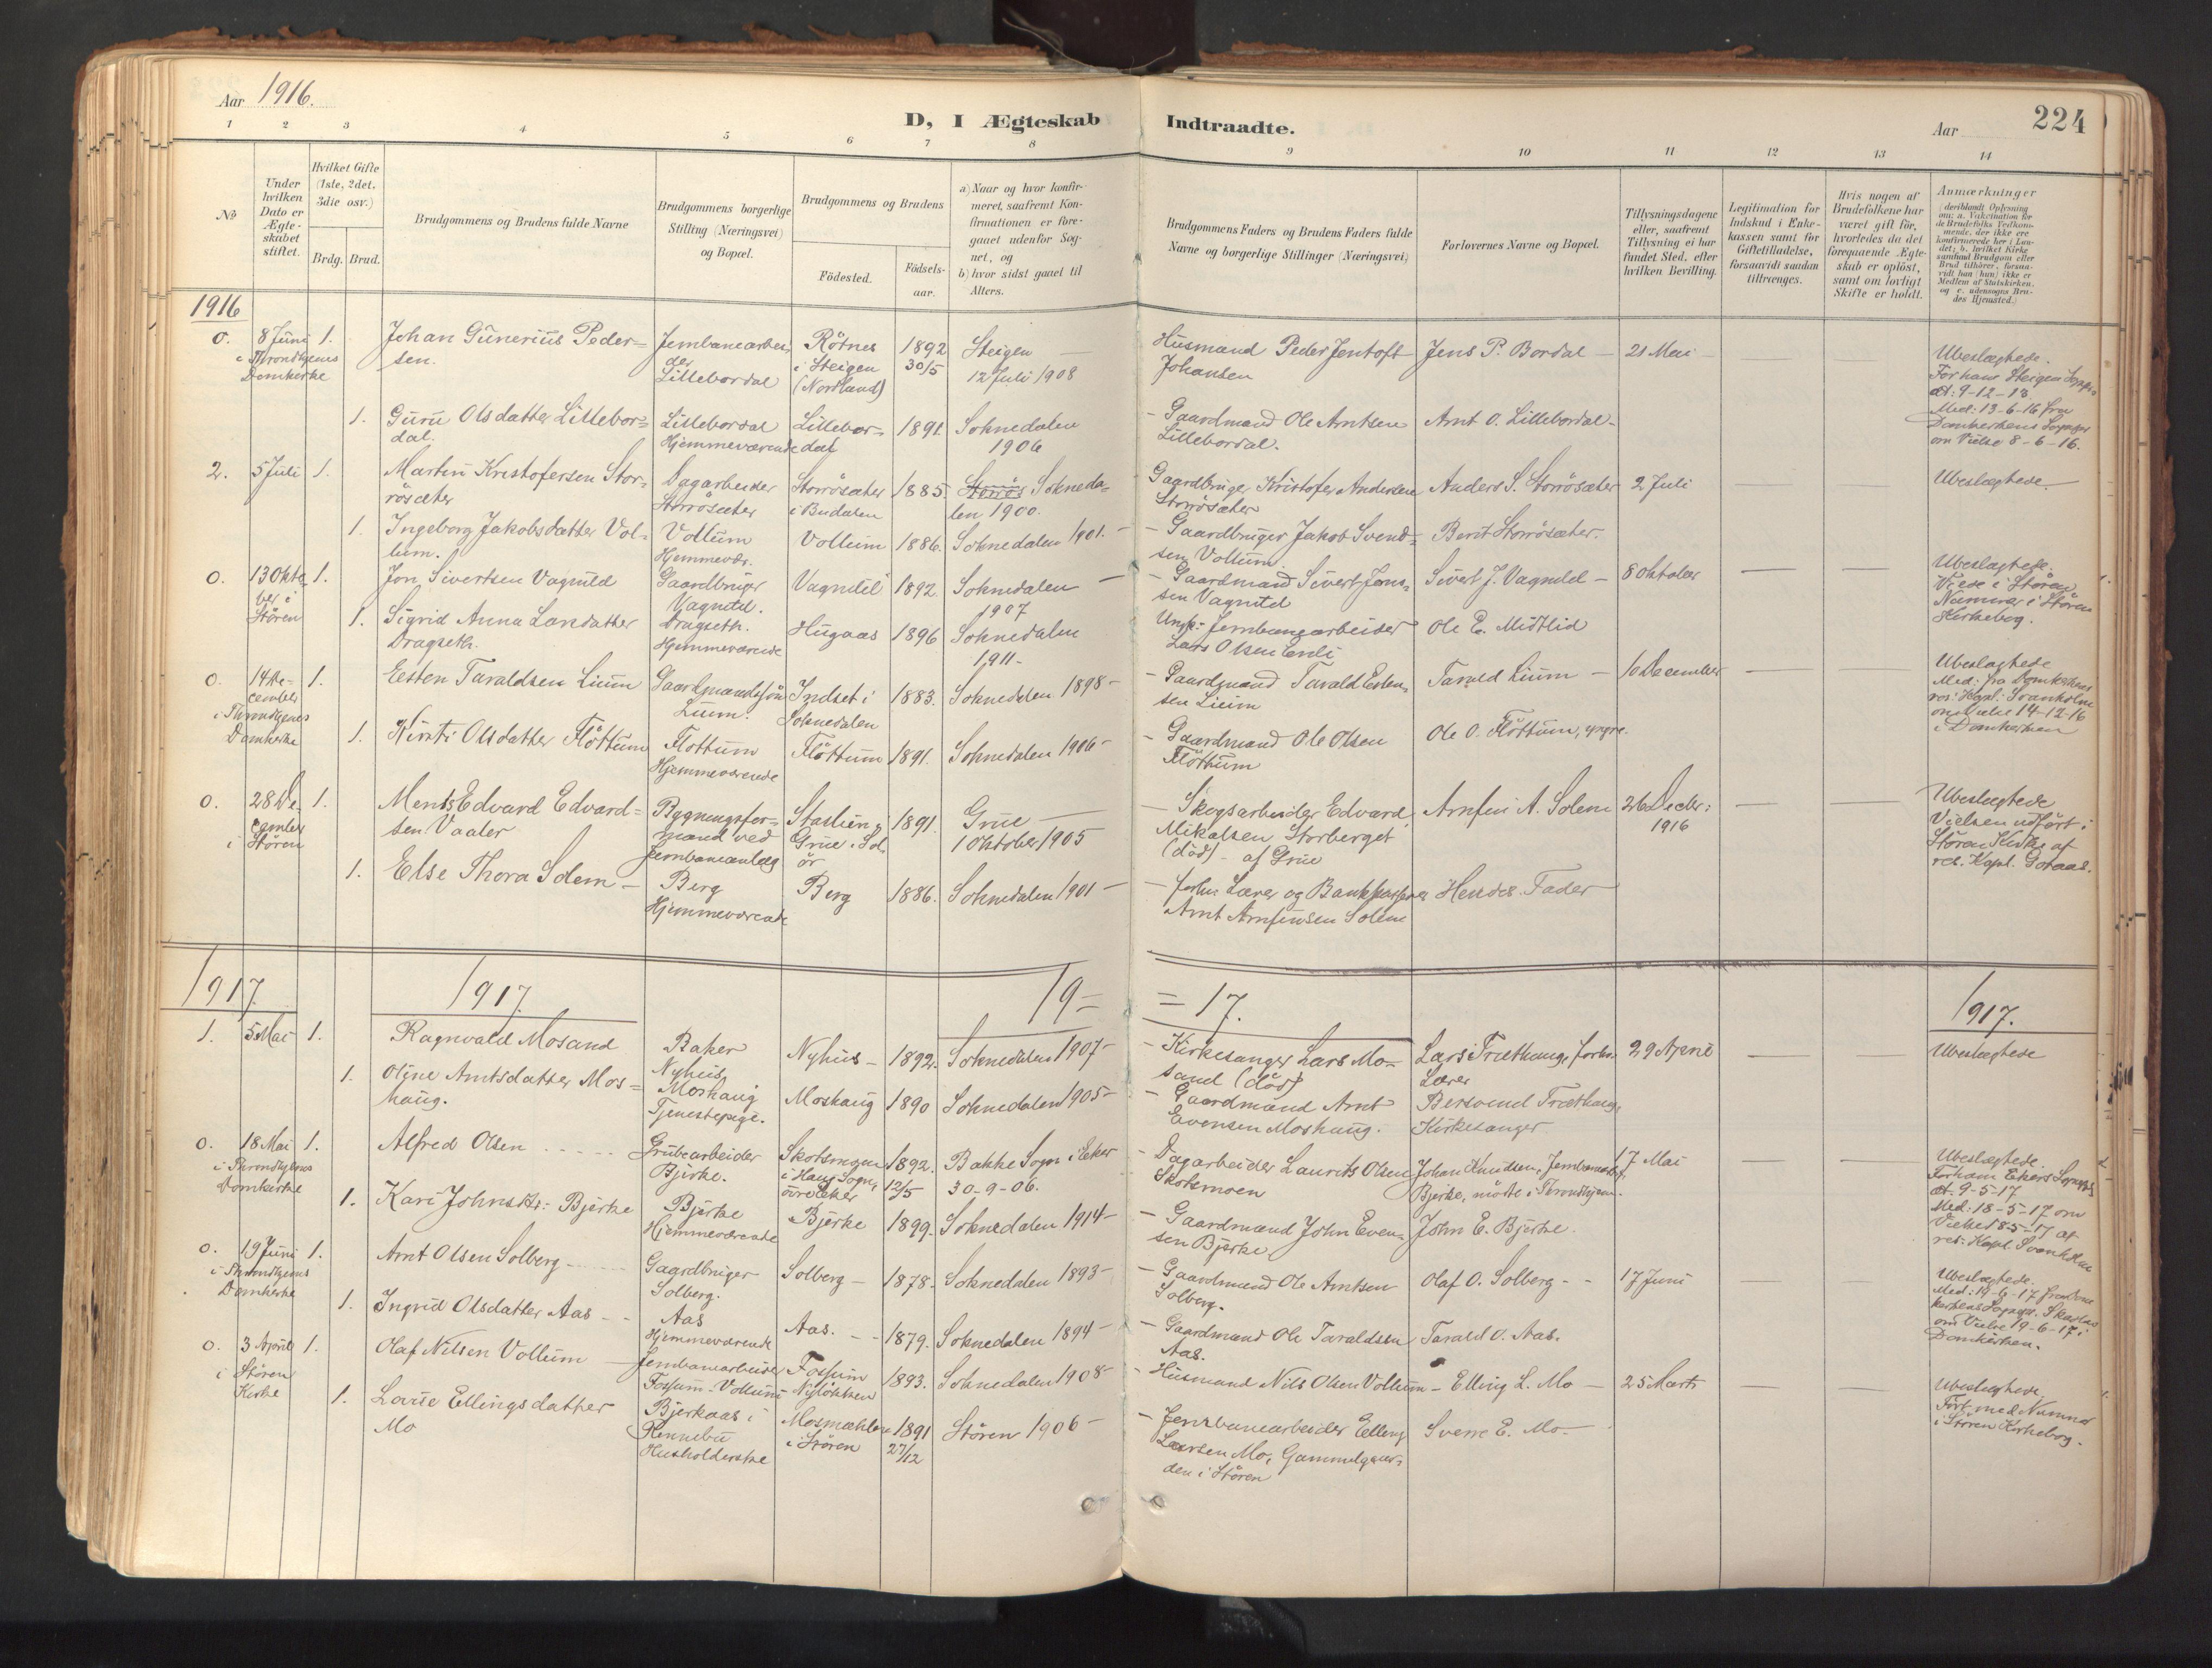 SAT, Ministerialprotokoller, klokkerbøker og fødselsregistre - Sør-Trøndelag, 689/L1041: Ministerialbok nr. 689A06, 1891-1923, s. 224